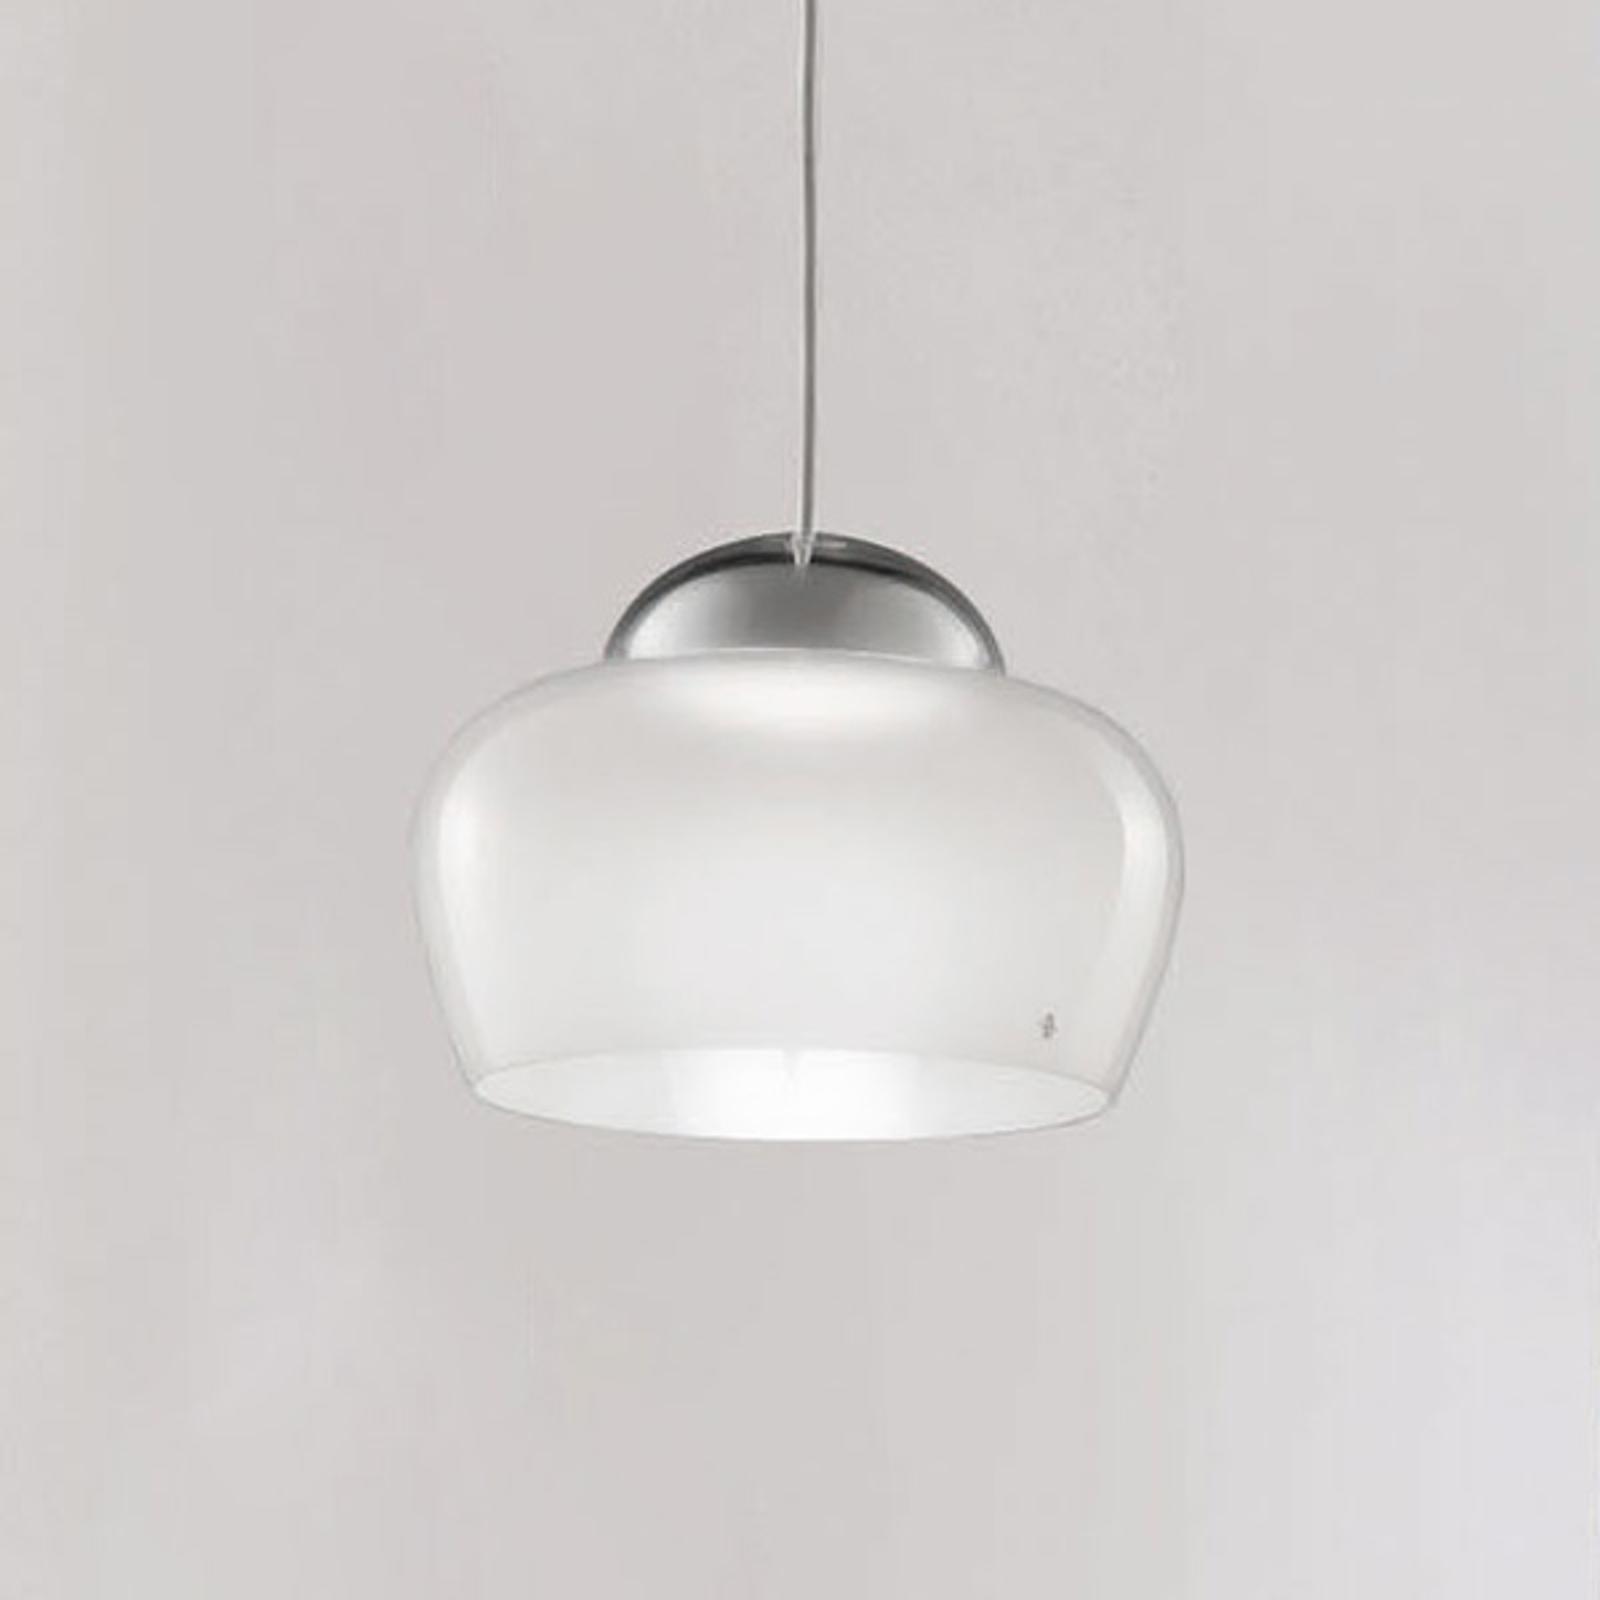 LED hanglamp Cristallina wit